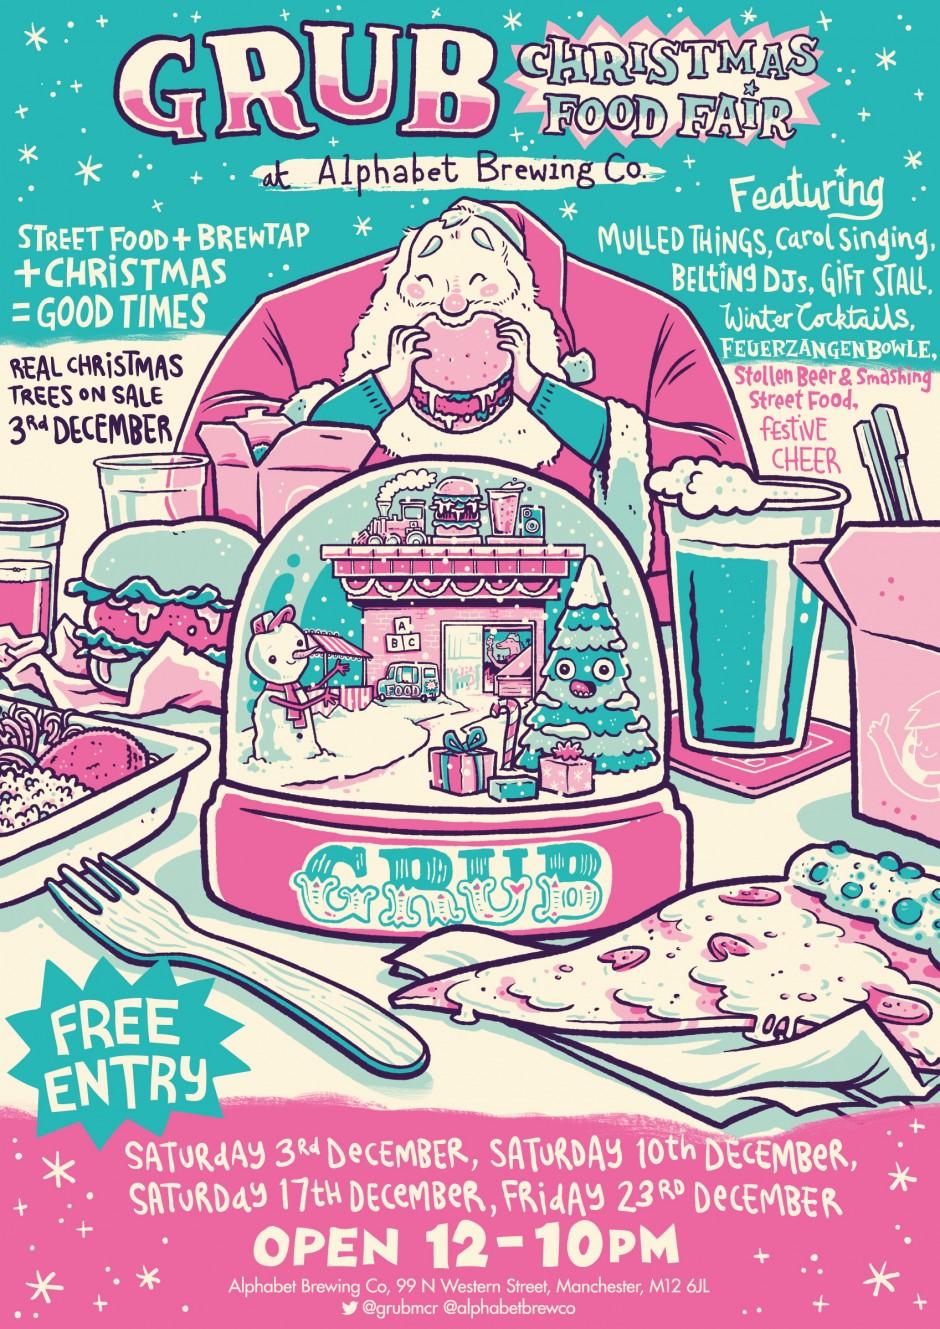 Grub-Christmas